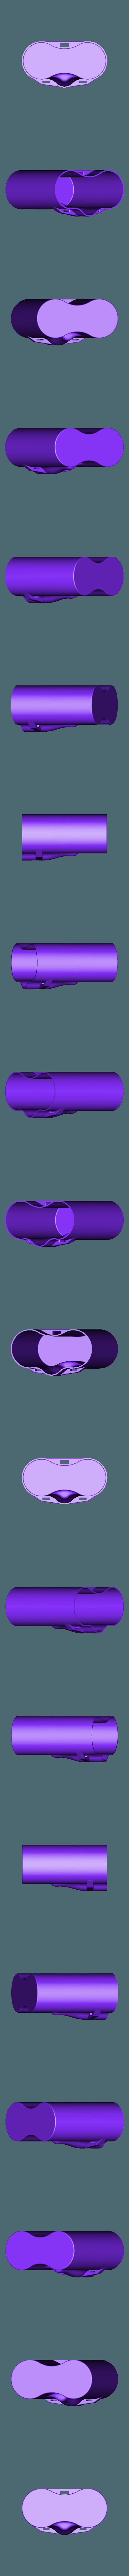 Binoculars_case.stl Télécharger fichier STL gratuit Affaire des jumelles • Plan à imprimer en 3D, CartesianCreationsAU